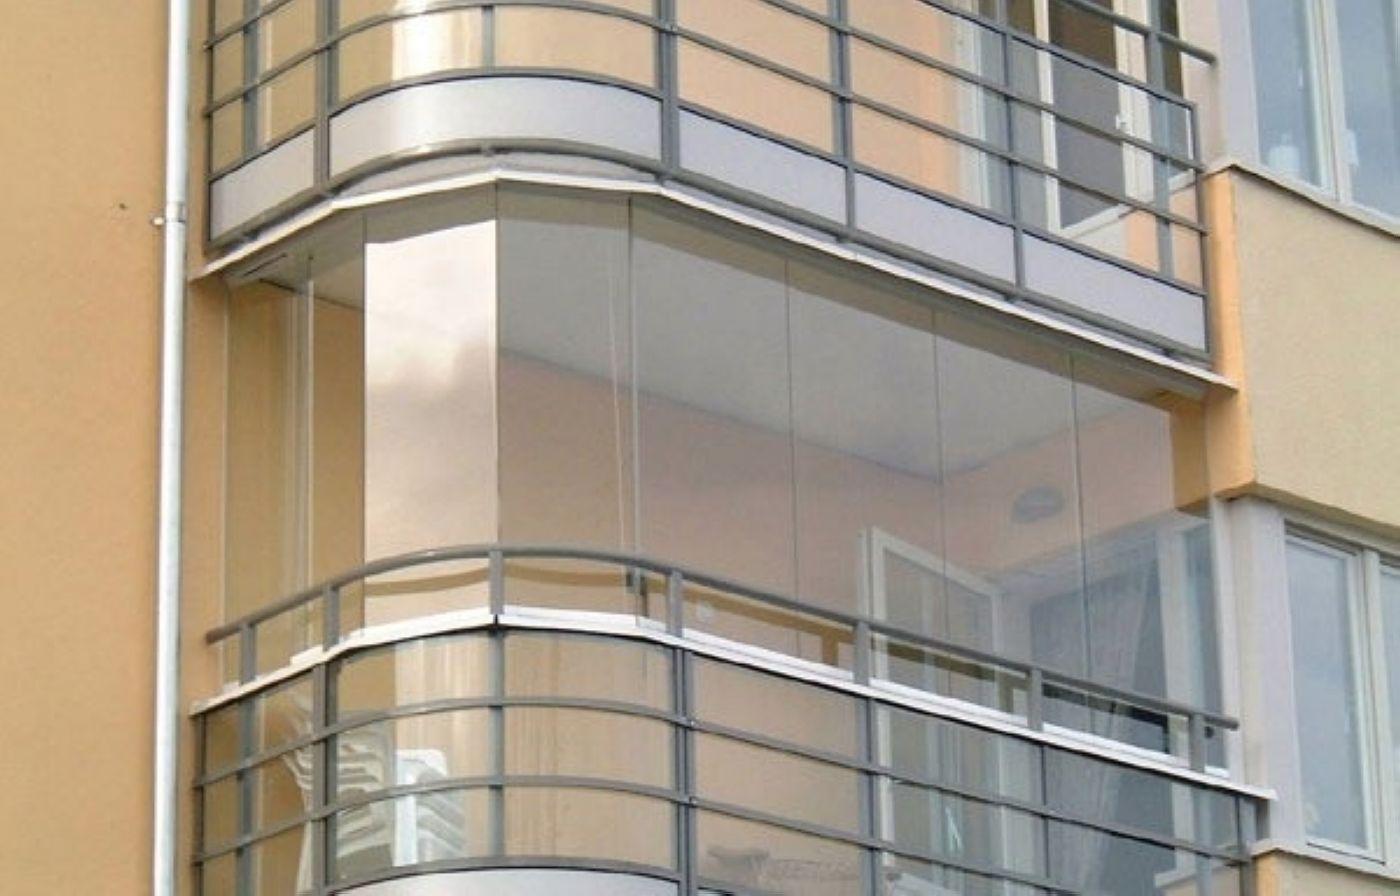 Способы и варианты остекления балконных помещений.